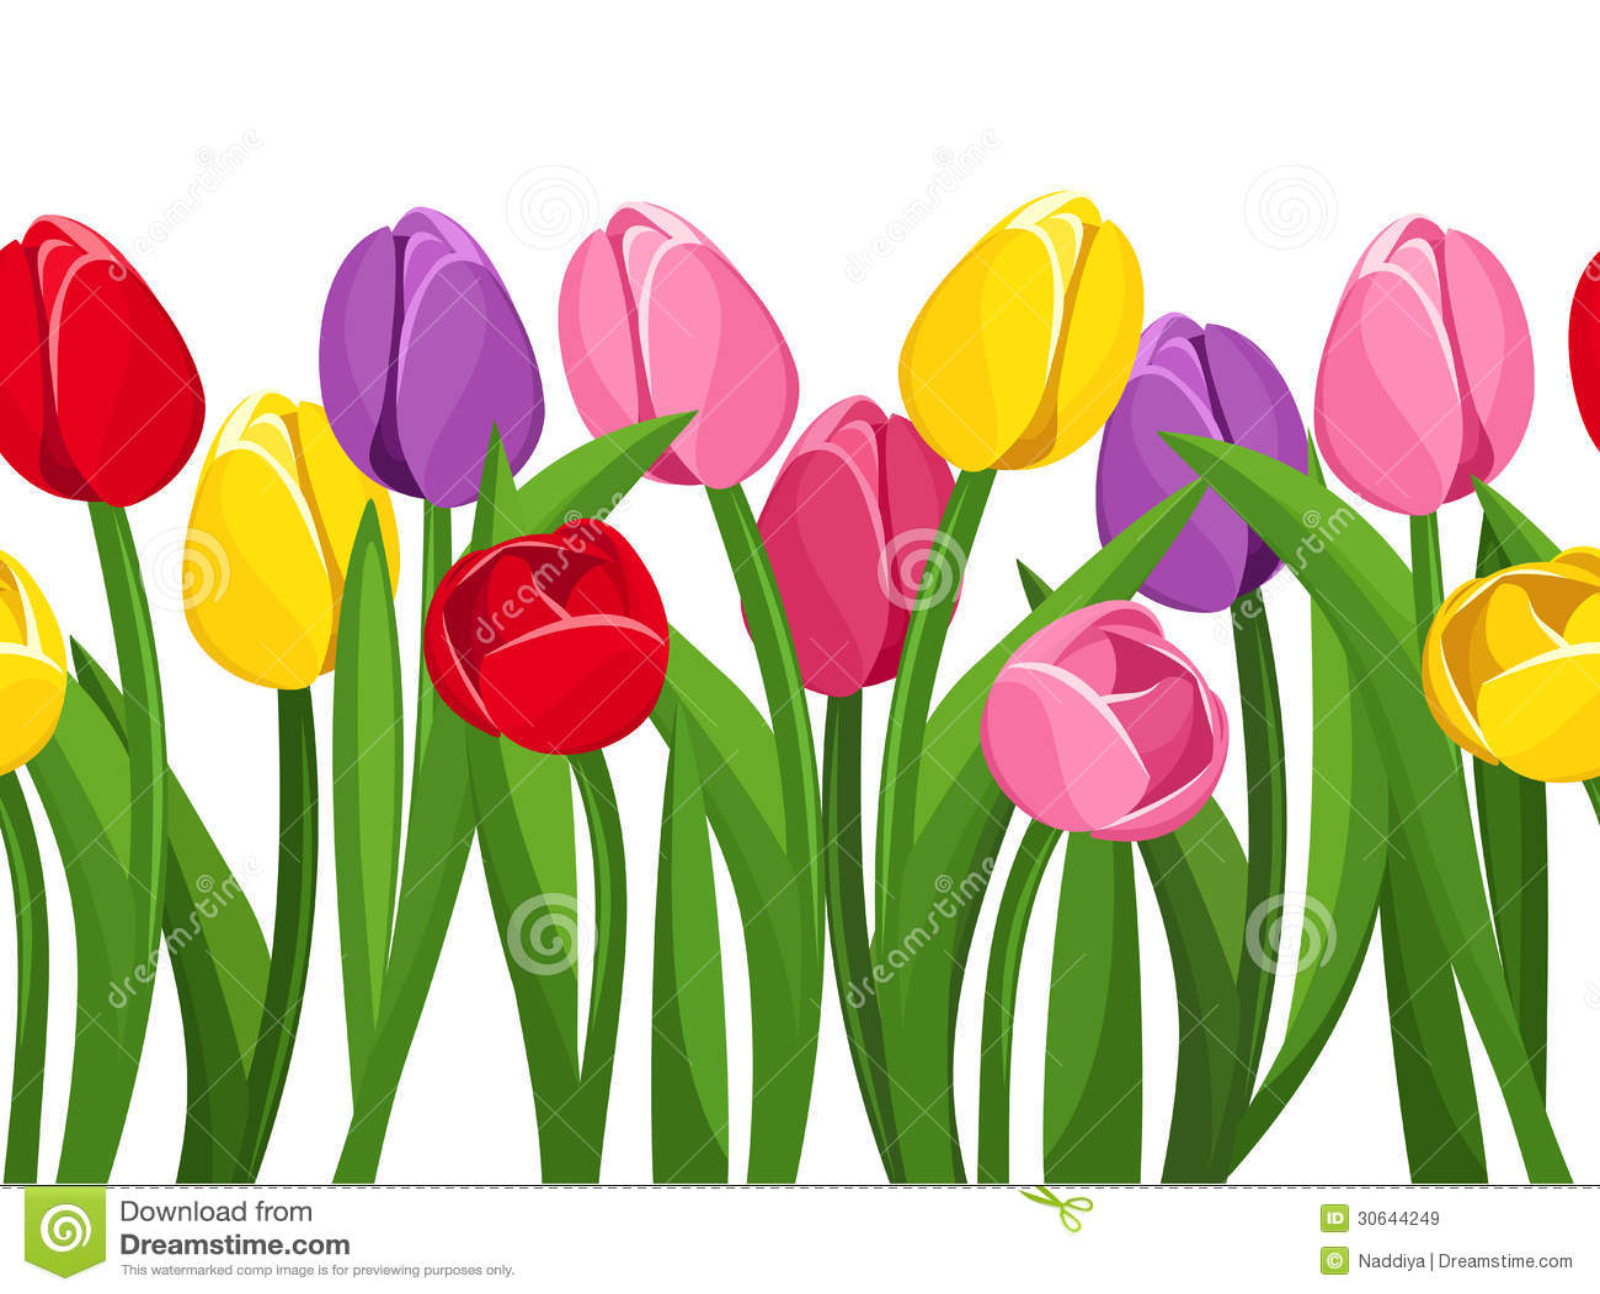 Horizontale Naadloze Achtergrond Met Gekleurde Tulpen  Royalty vrije Stock Afbeeldingen   Beeld